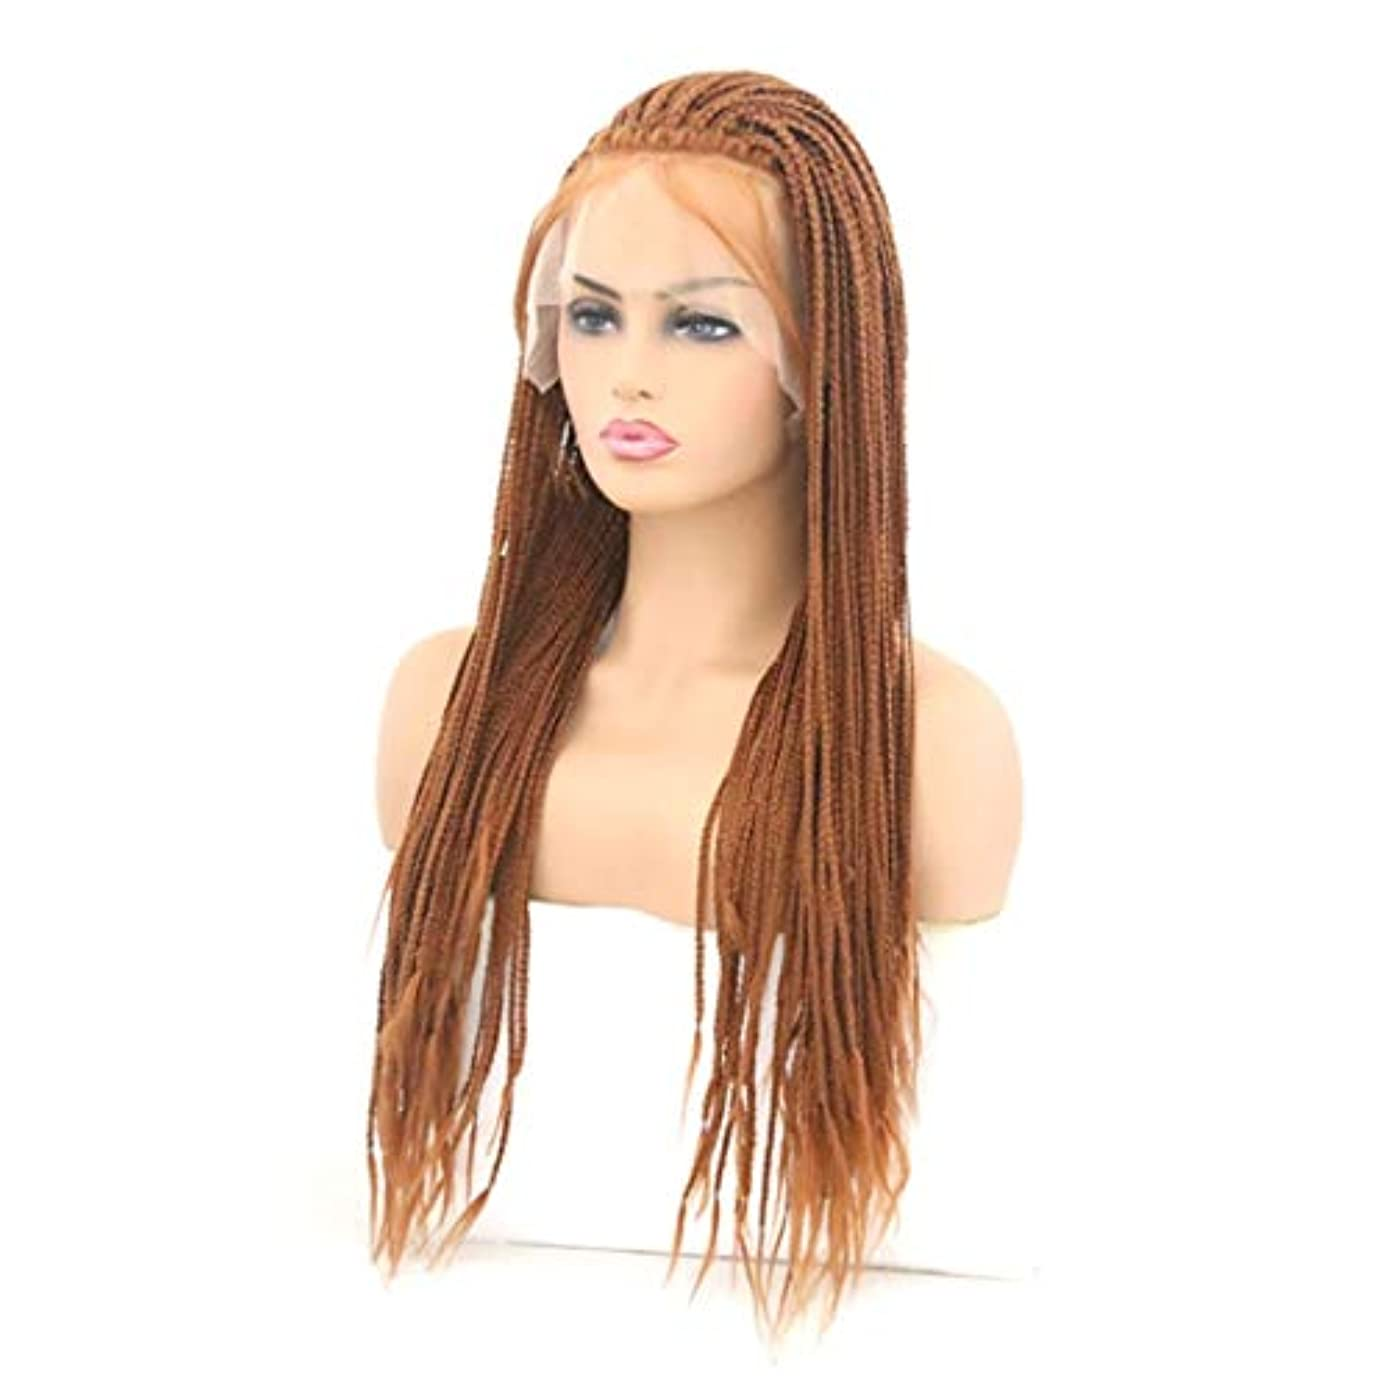 ジャケット乳剤ステートメントKerwinner かつら女性のための傾斜前髪ショートカーリーヘアーワインレッド高温シルクウィッグ